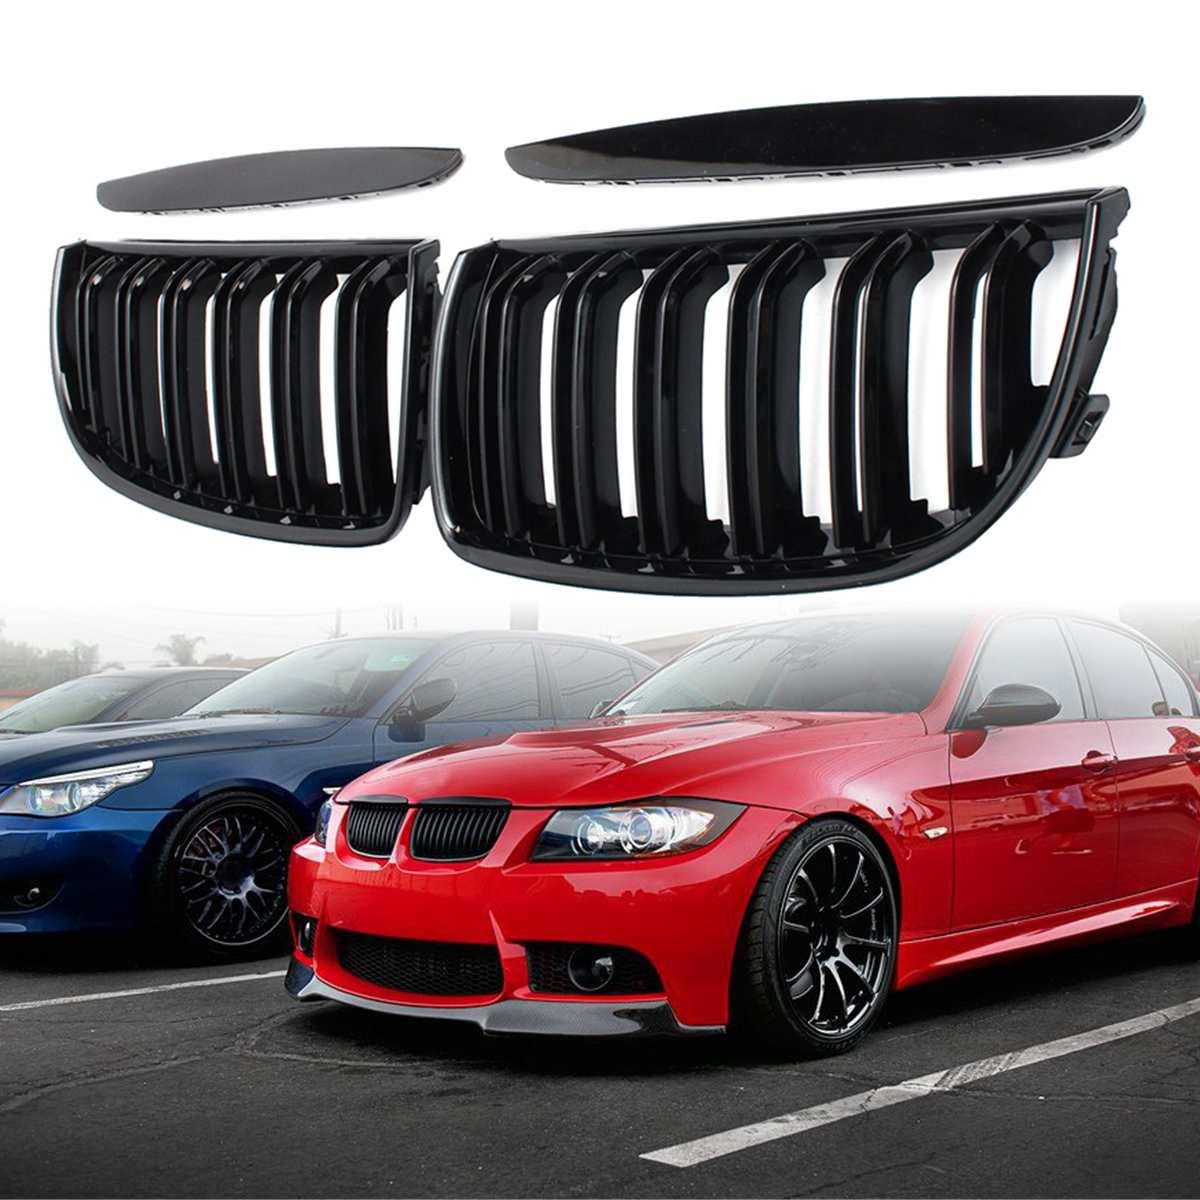 4 sztuk/zestaw para samochodów matowy czarny błyszczący M styl przodu nerek podwójna listwa Grille zestaw dla BMW E90 E91 2005 2006 2007 2008 Racing Grille